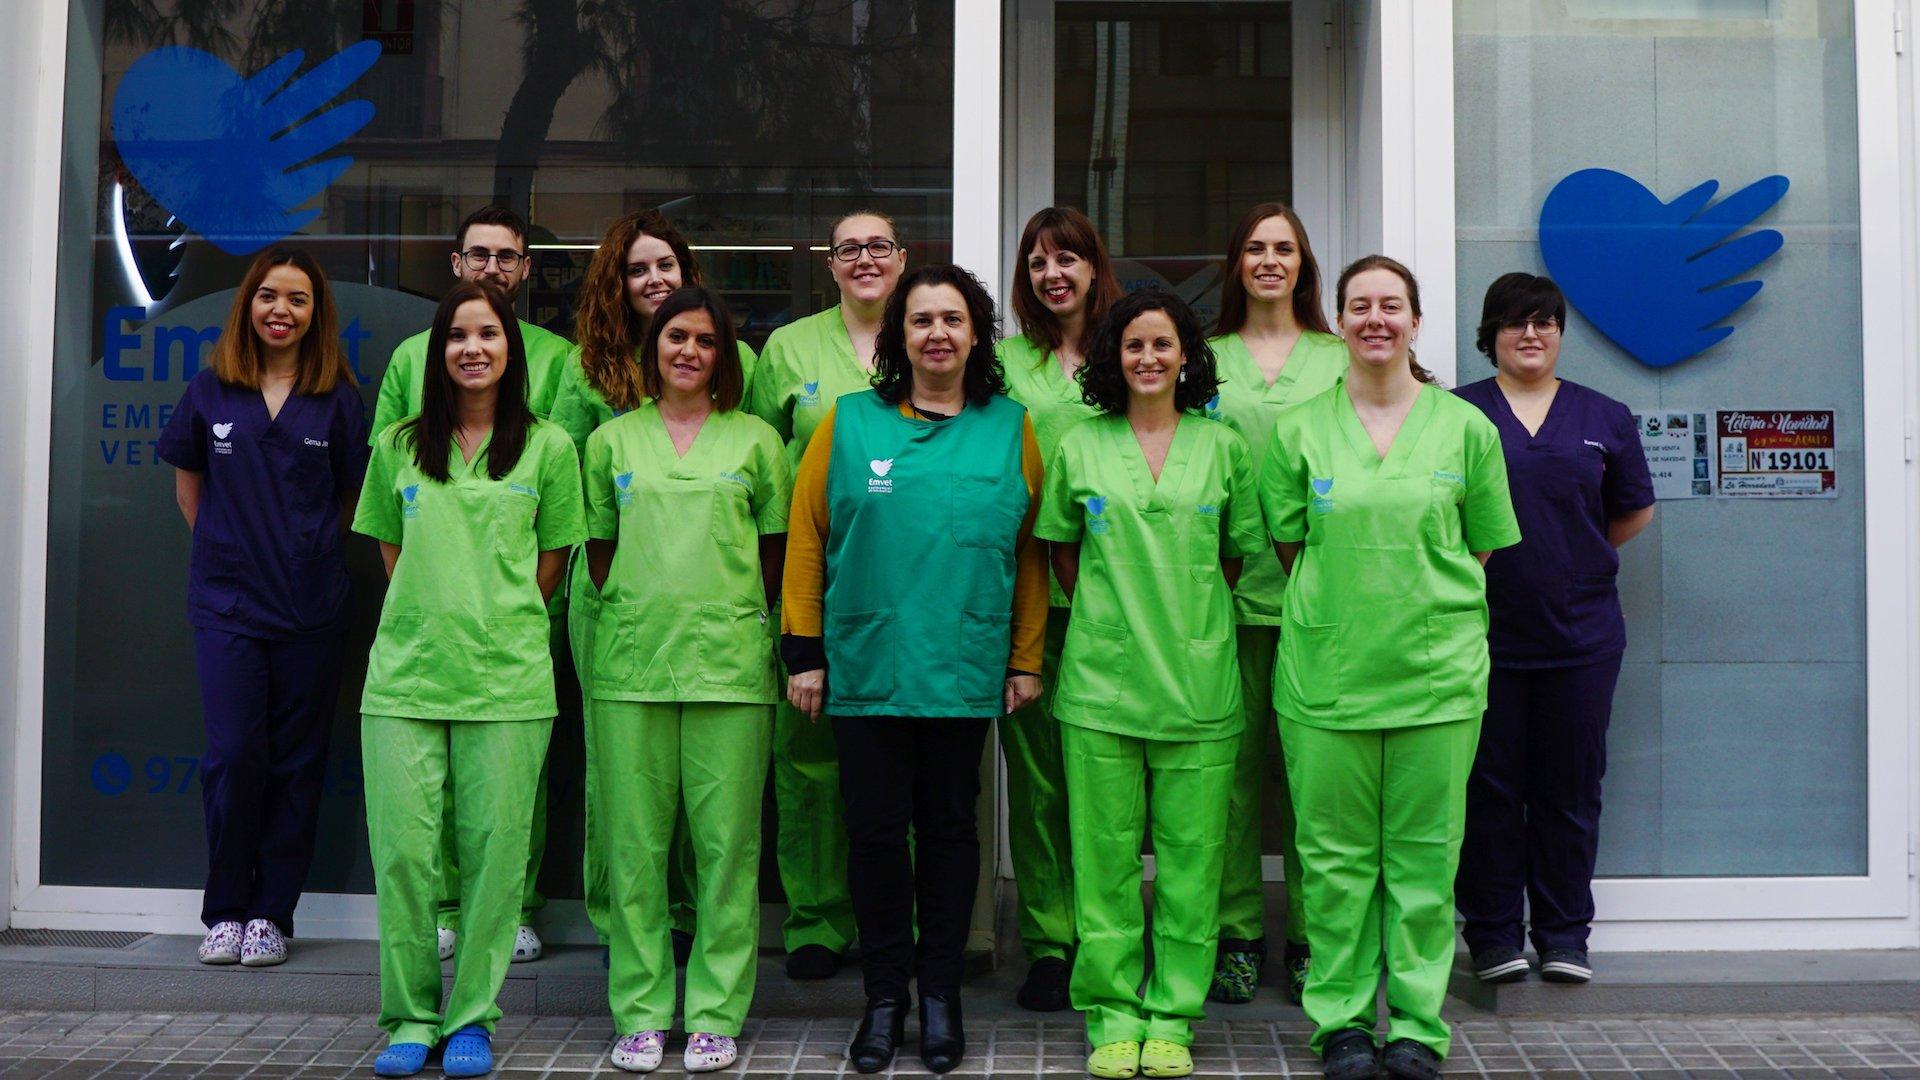 Equipo de EMVET - Emergencias Veterinarias de Zaragoza